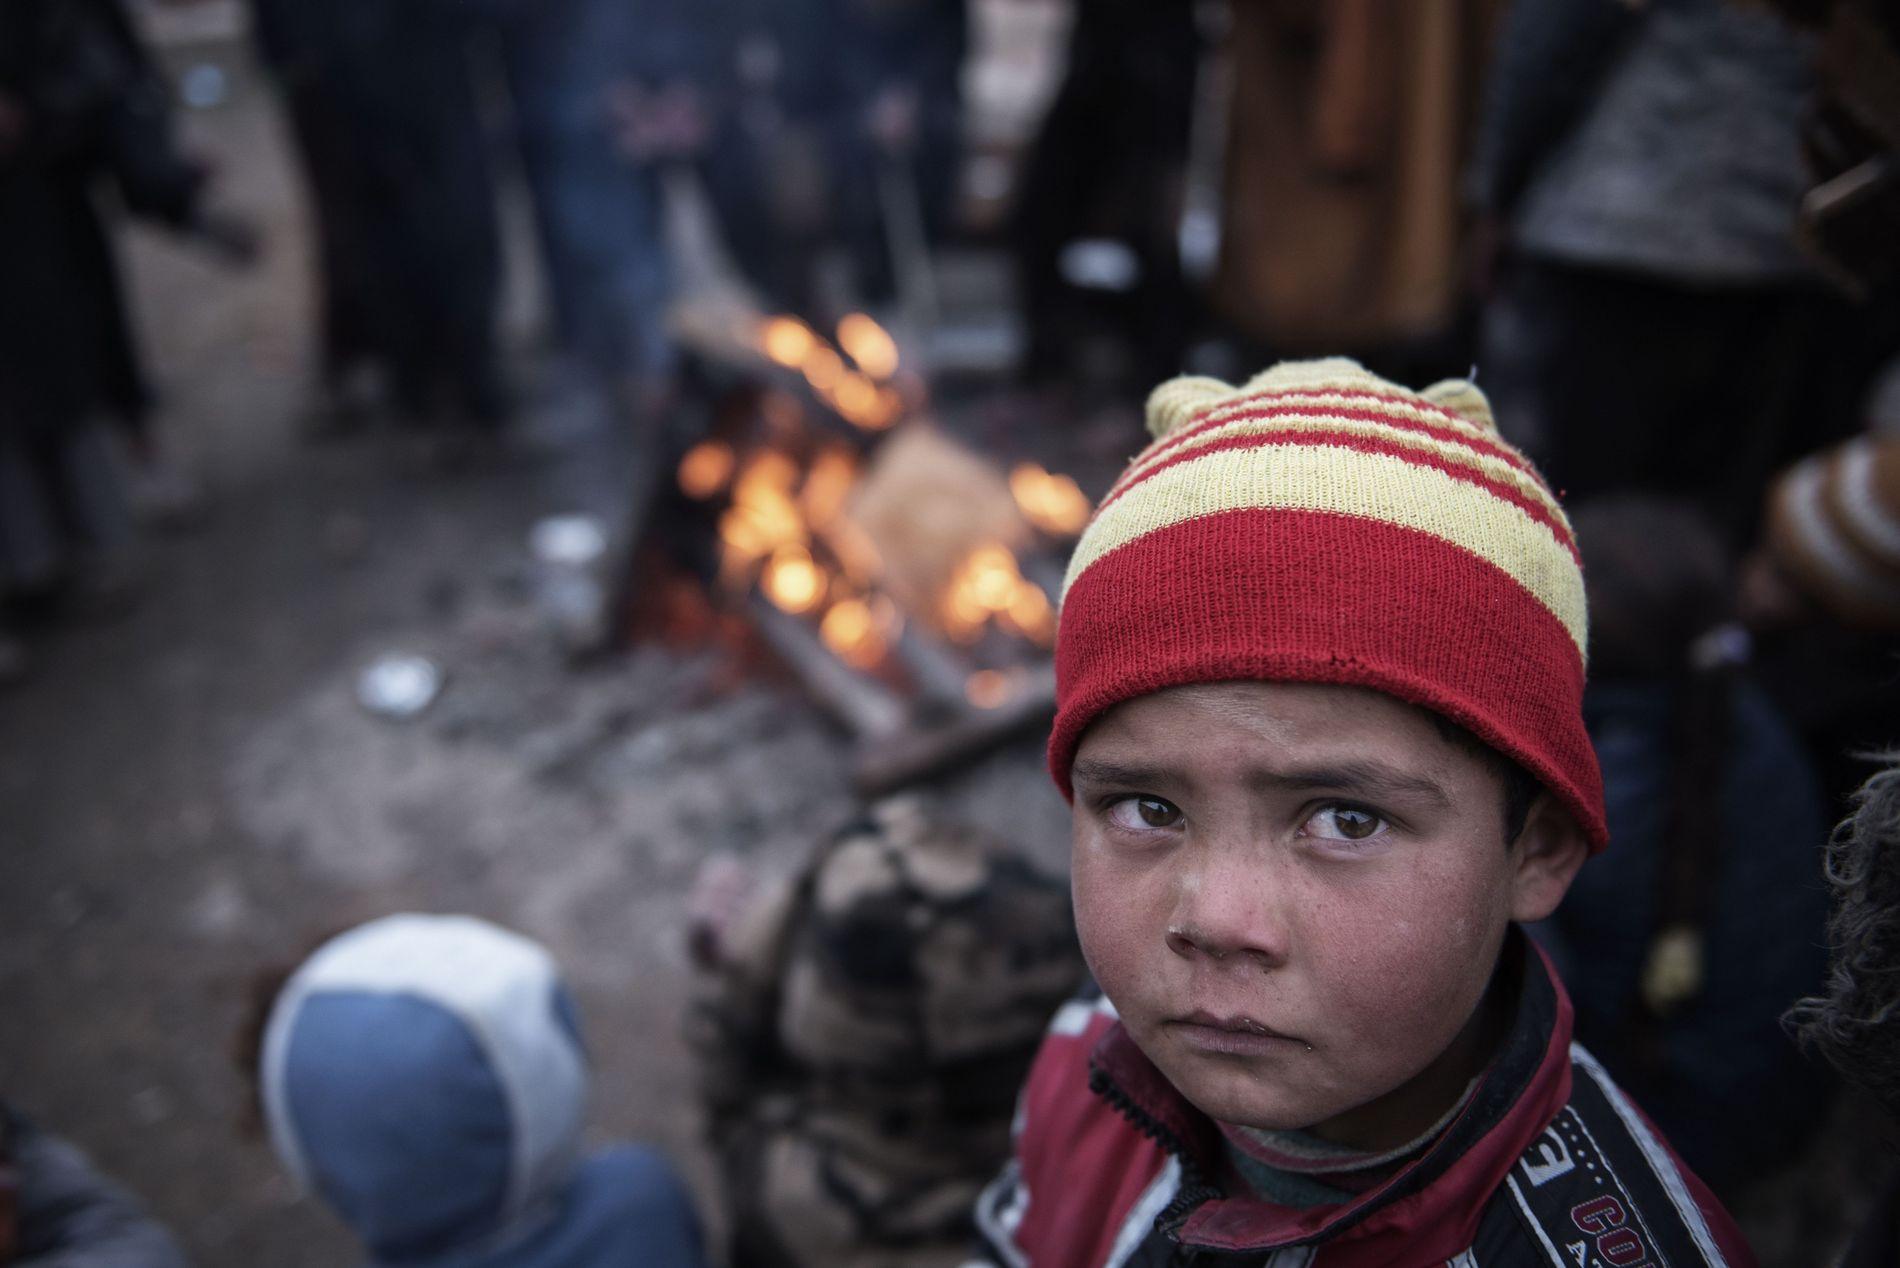 Dans la cour d'une maison, un enfant se tient près d'un feu de camp pour se ...